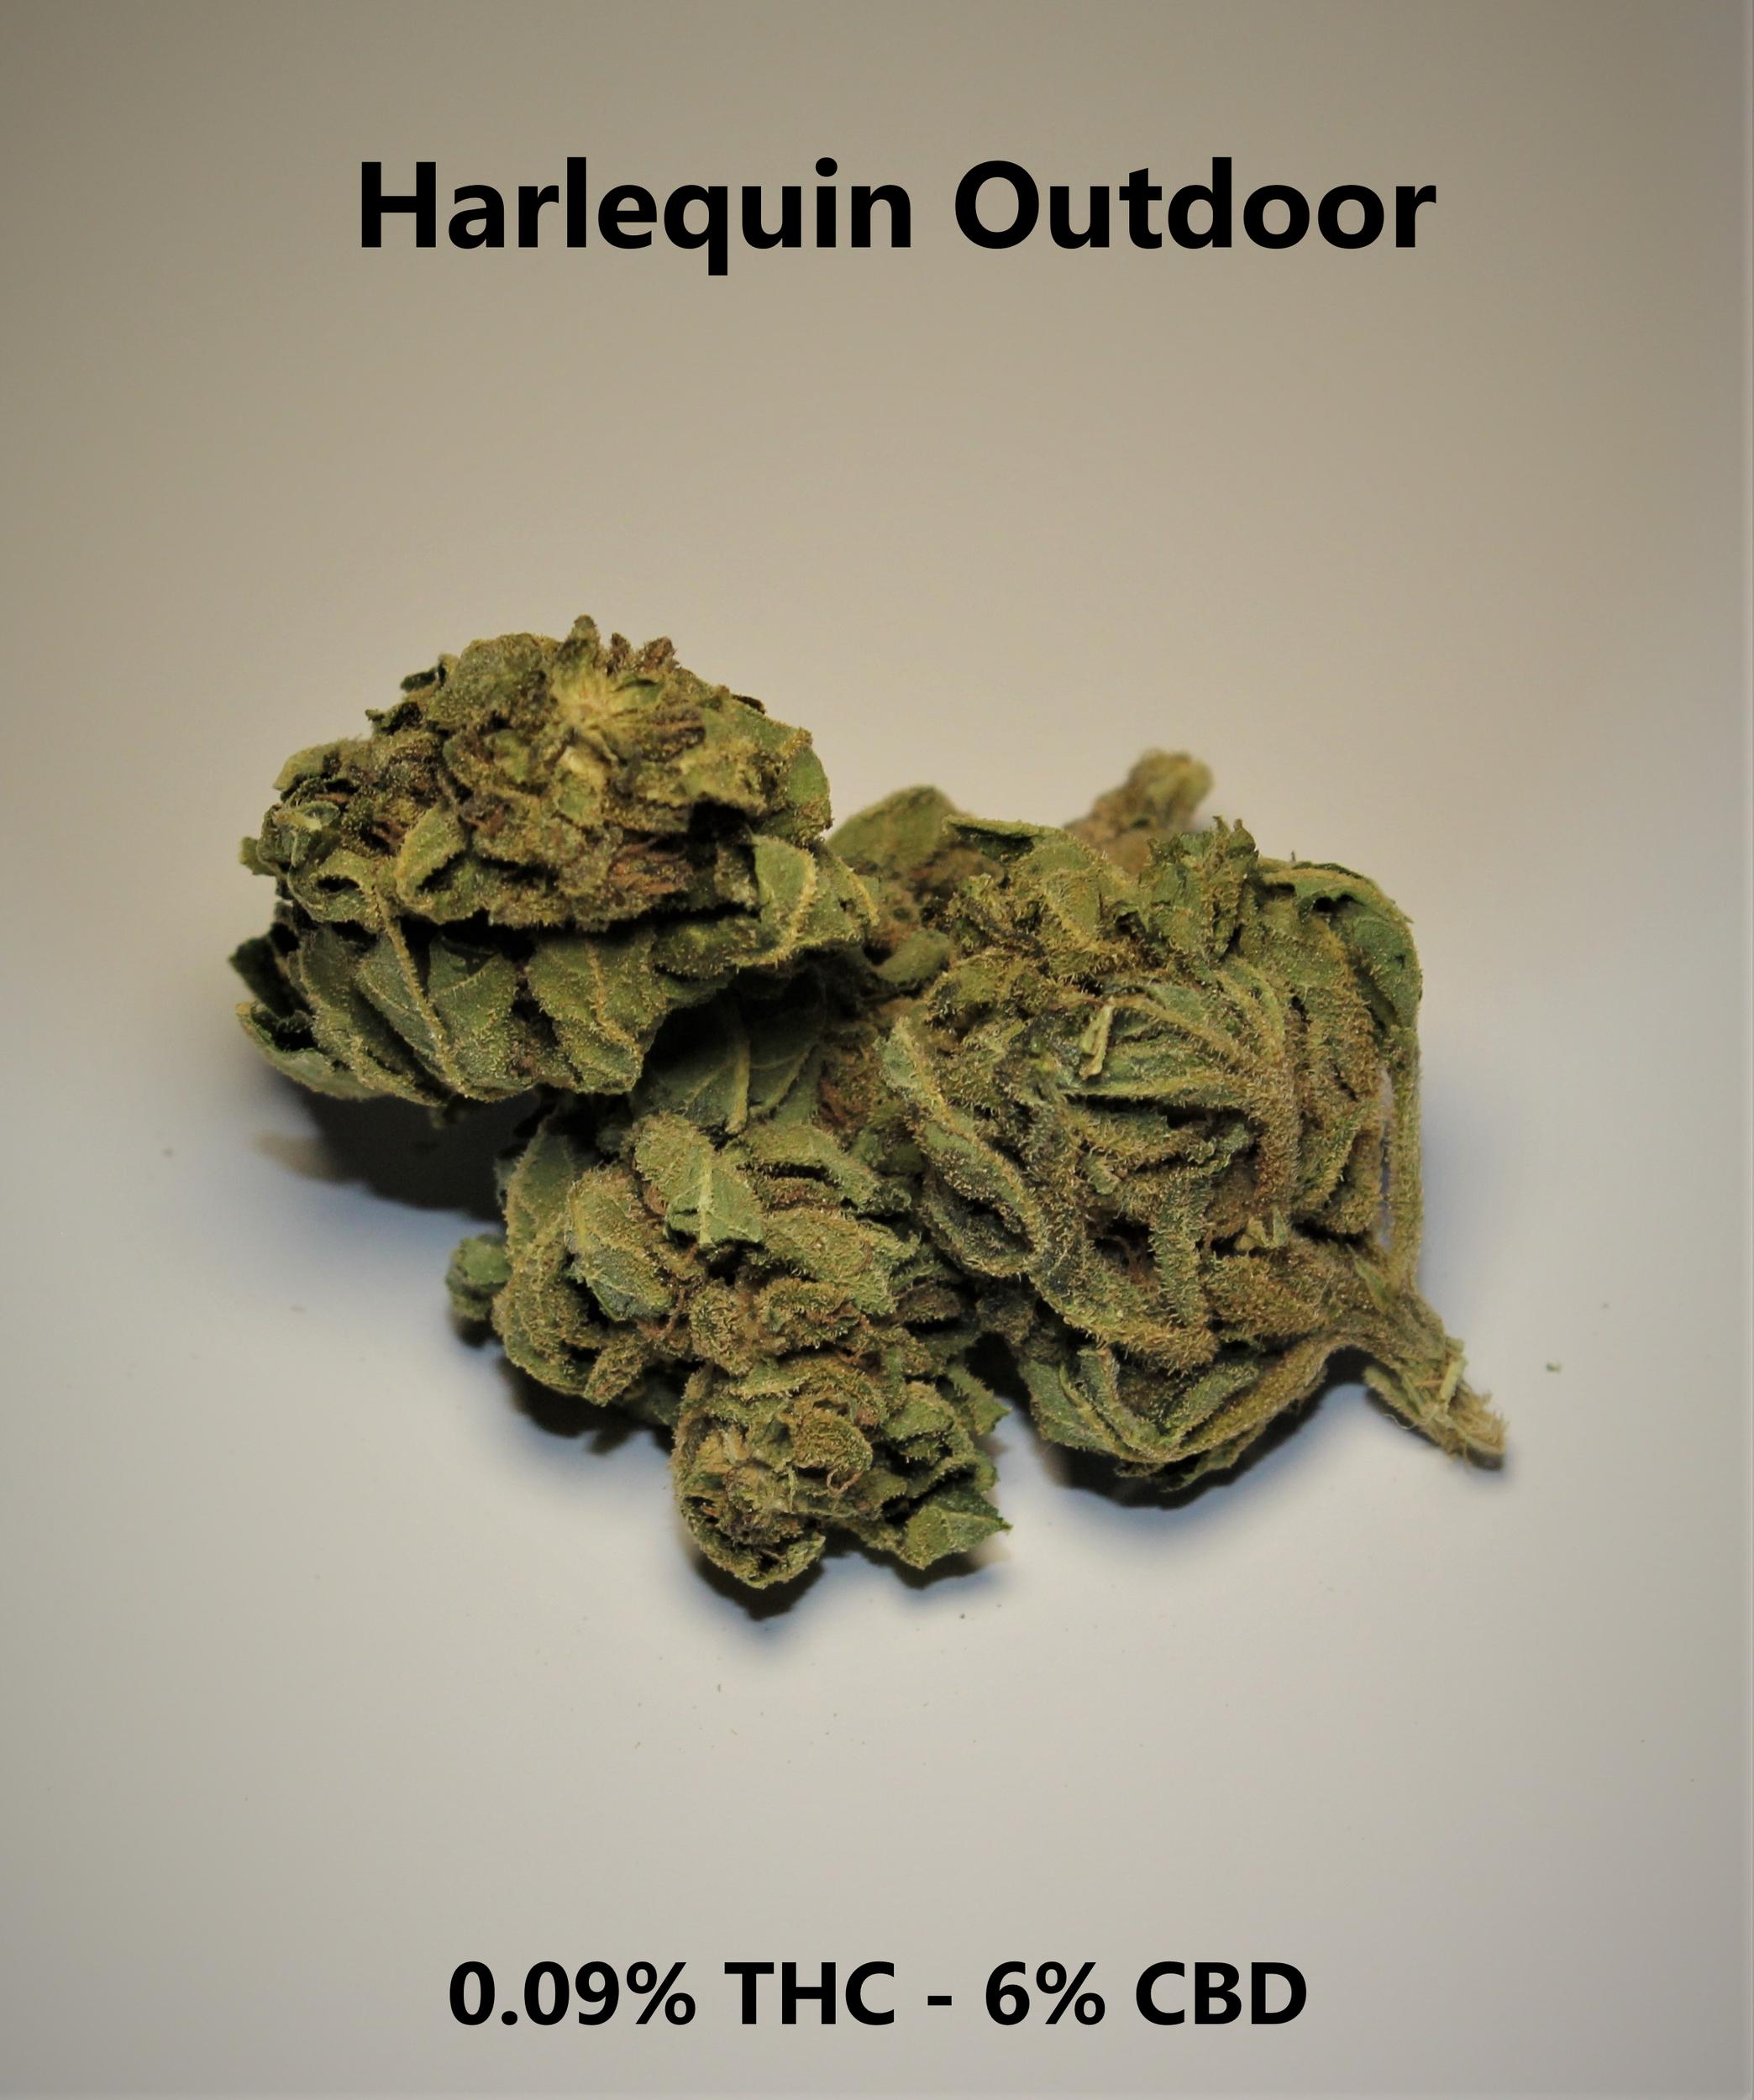 Harlequin outdoor